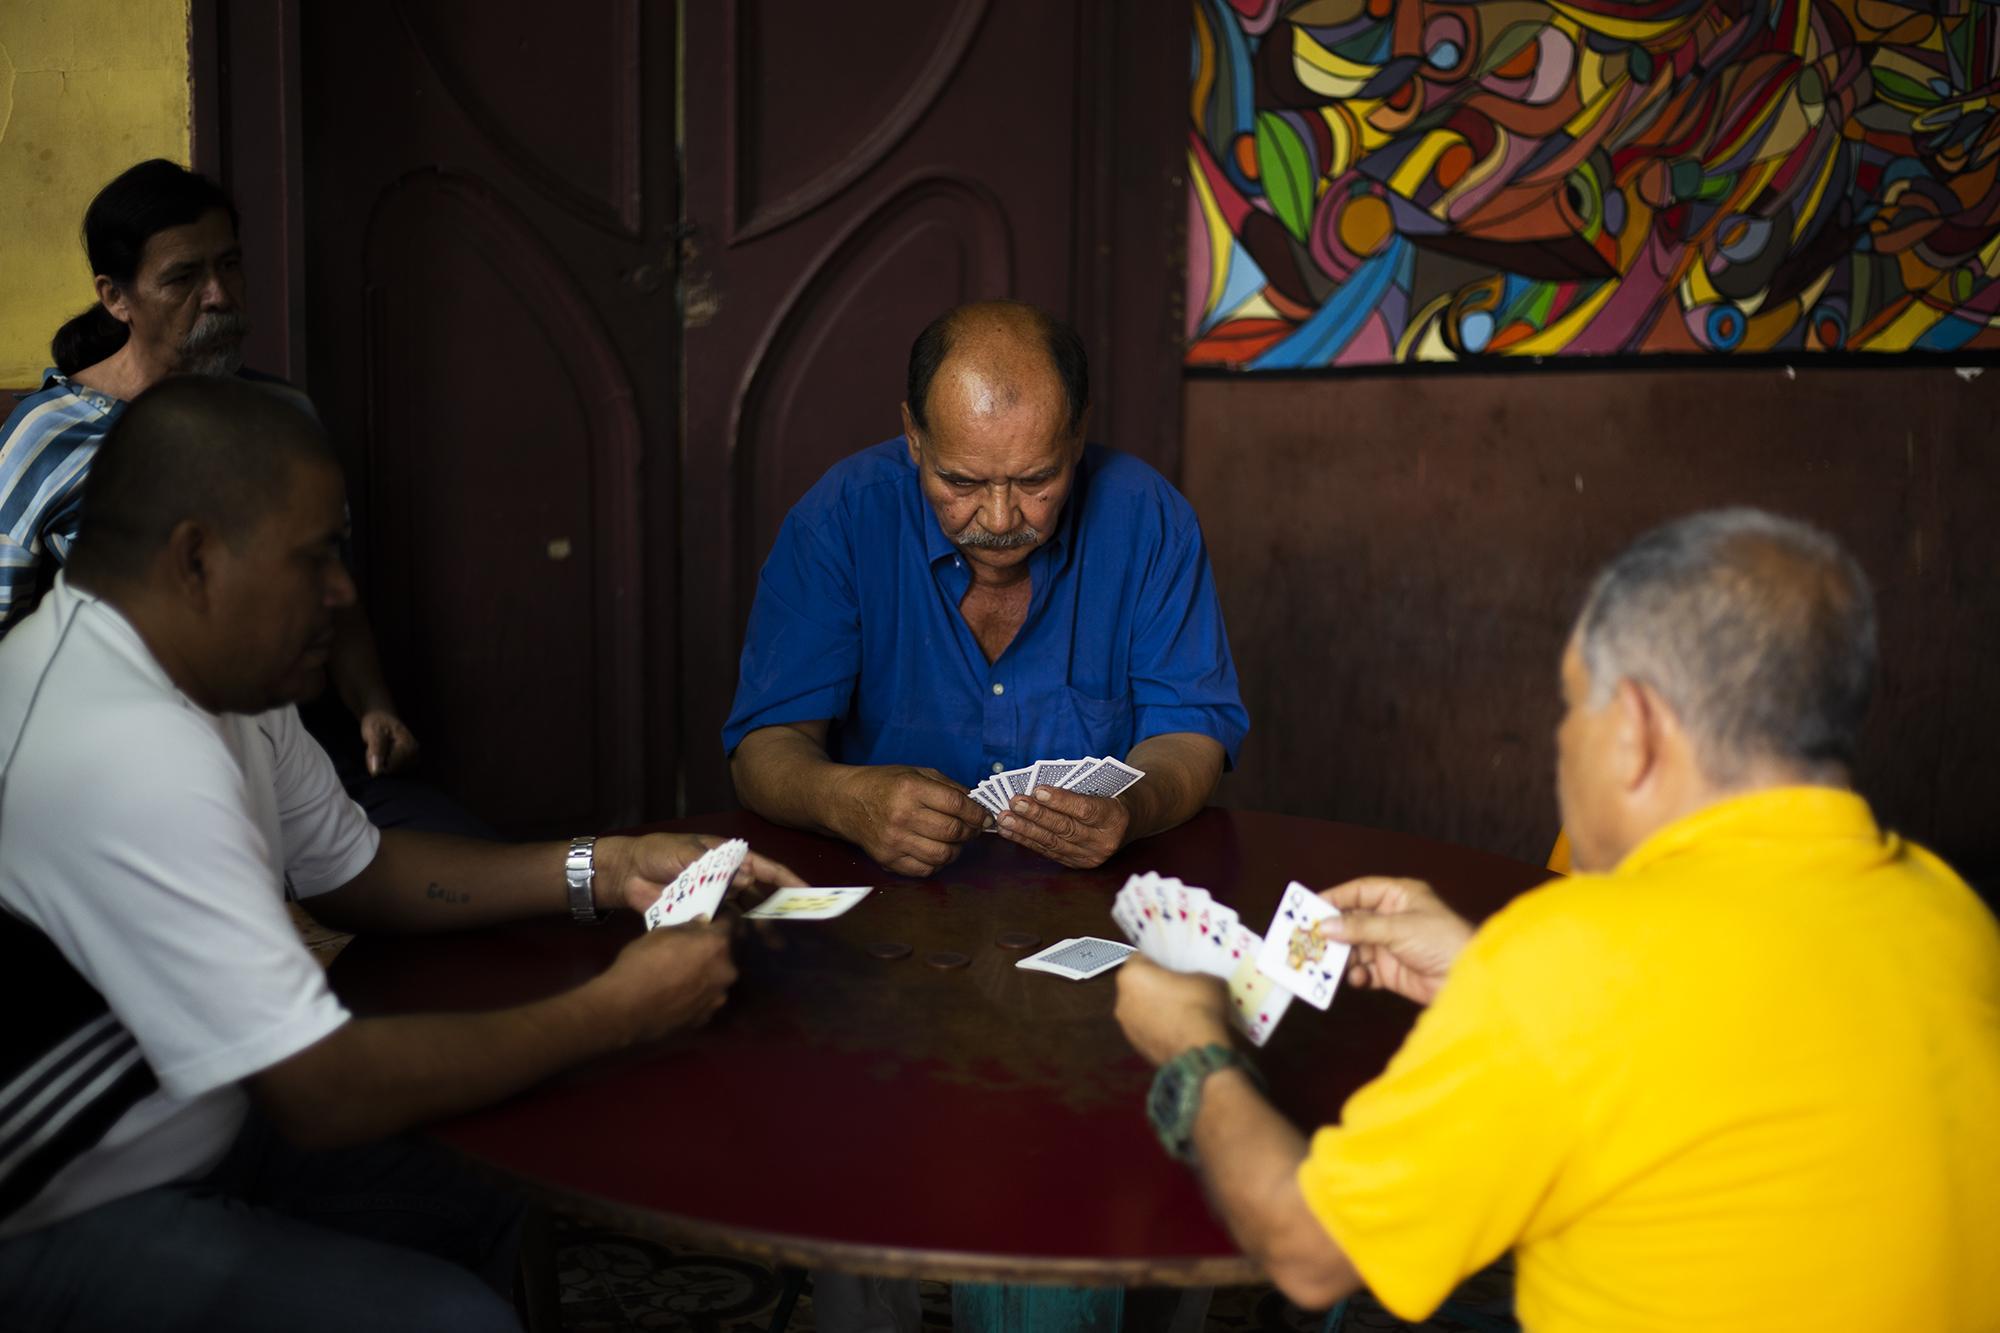 Un grupo de hombres juega cartas en La Dalia. A muchos de ellos no les gusta hablar con extraños y menos decir sus nombres, ''cuestiones de trabajo'' dirán.